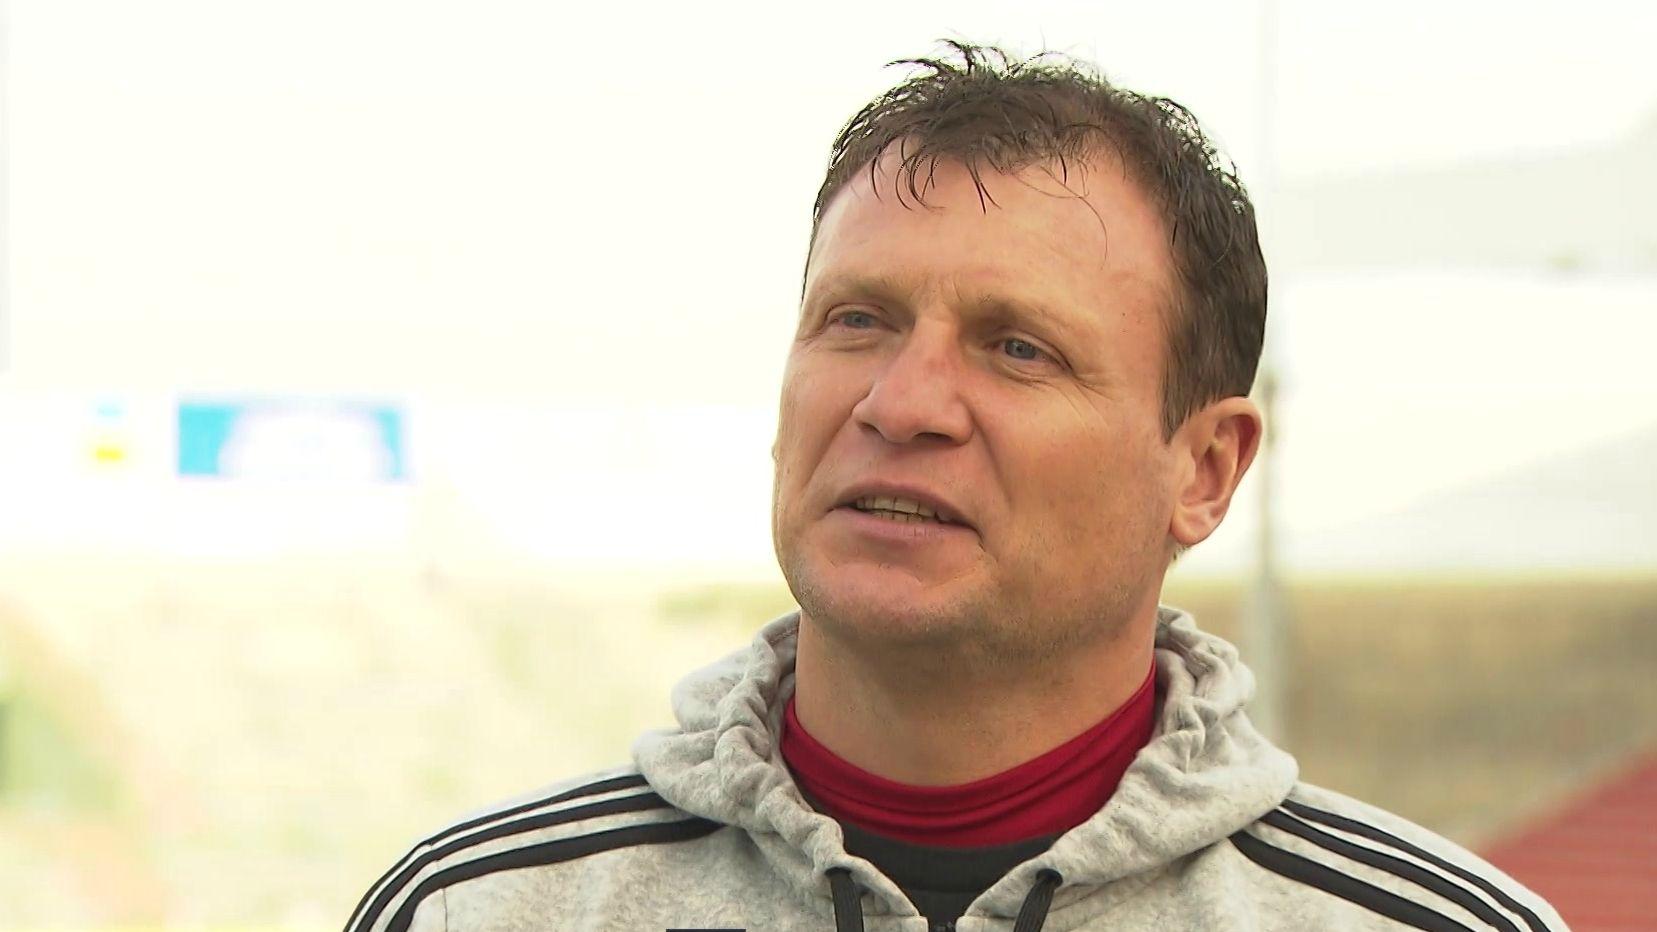 """Für Claus Schromm ist Trainer der """"absoluter Traumjob"""""""